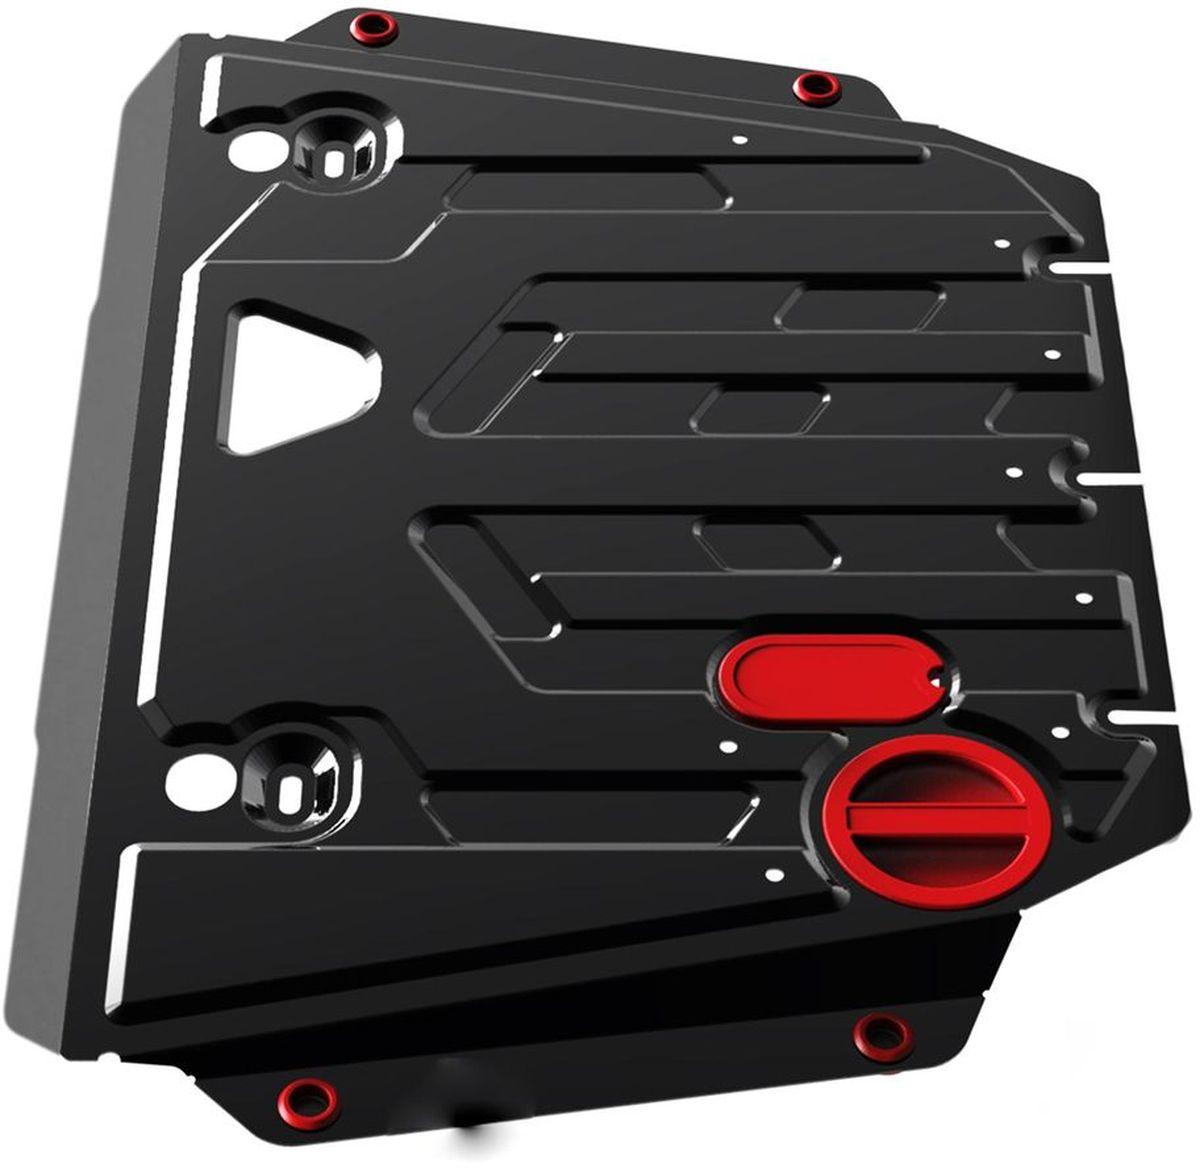 Защита картера и КПП Автоброня, для Kia Ceed/SW/Pro, V - 1,4(100hp); 1,6(129hp); 1,6GDI(135hp) (2015-)111.02836.1Технологически совершенный продукт за невысокую стоимость. Защита разработана с учетом особенностей днища автомобиля, что позволяет сохранить дорожный просвет с минимальным изменением. Защита устанавливается в штатные места кузова автомобиля. Глубокий штамп обеспечивает до двух раз больше жесткости в сравнении с обычной защитой той же толщины. Проштампованные ребра жесткости препятствуют деформации защиты при ударах. Тепловой зазор и вентиляционные отверстия обеспечивают сохранение температурного режима двигателя в норме. Скрытый крепеж предотвращает срыв крепежных элементов при наезде на препятствие. Шумопоглощающие резиновые элементы обеспечивают комфортную езду без вибраций и скрежета металла, а съемные лючки для слива масла и замены фильтра - экономию средств и время. Конструкция изделия не влияет на пассивную безопасность автомобиля (при ударе защита не воздействует на деформационные зоны кузова). Со штатным крепежом. В комплекте инструкция по установке....